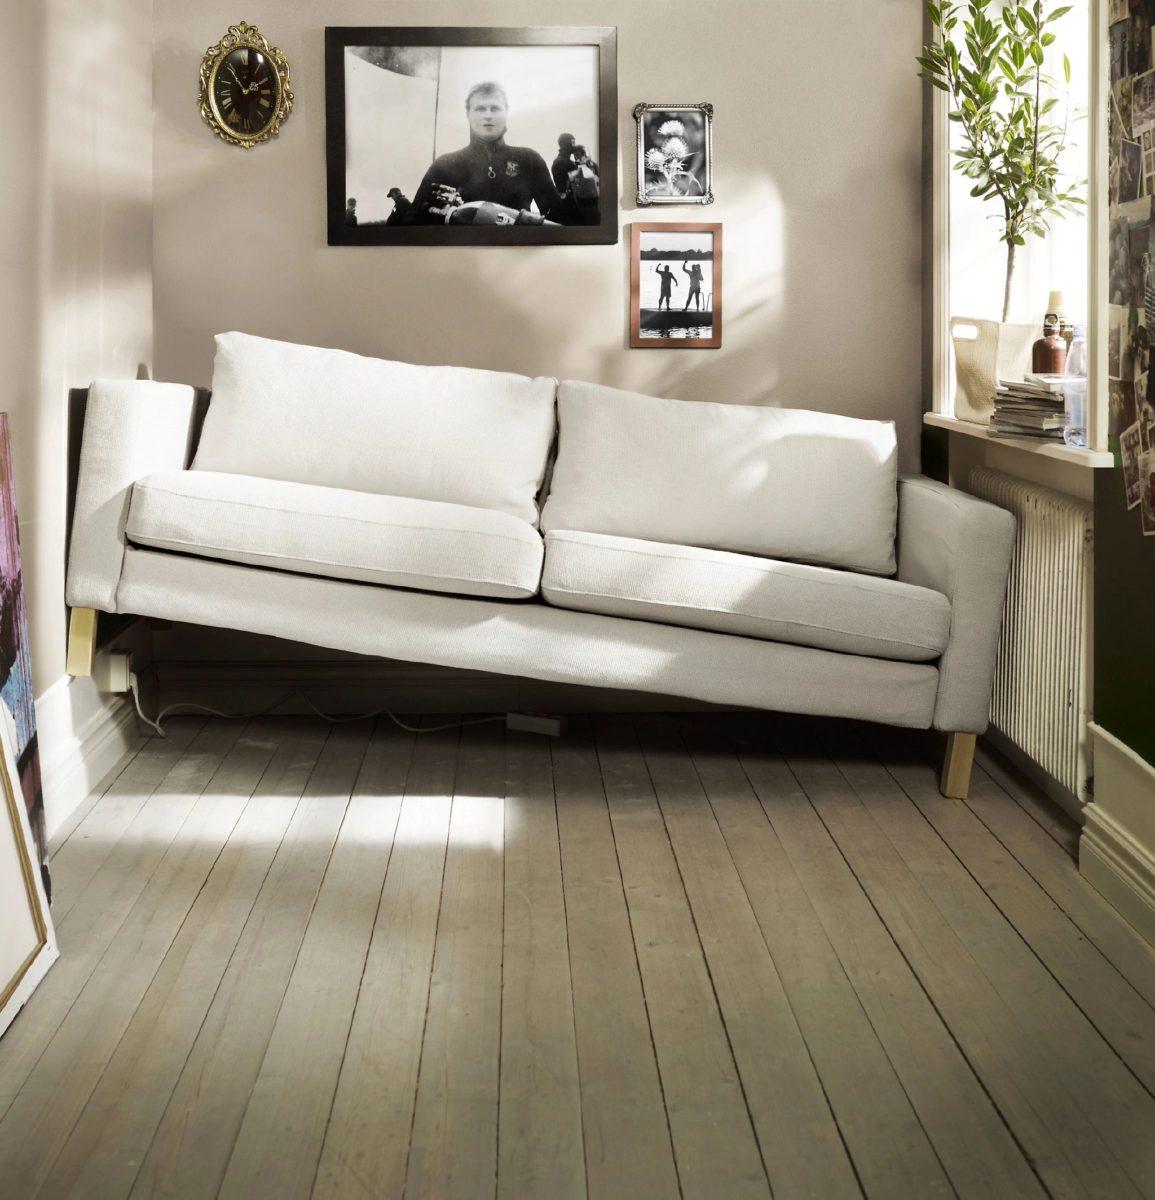 divano-errore-3